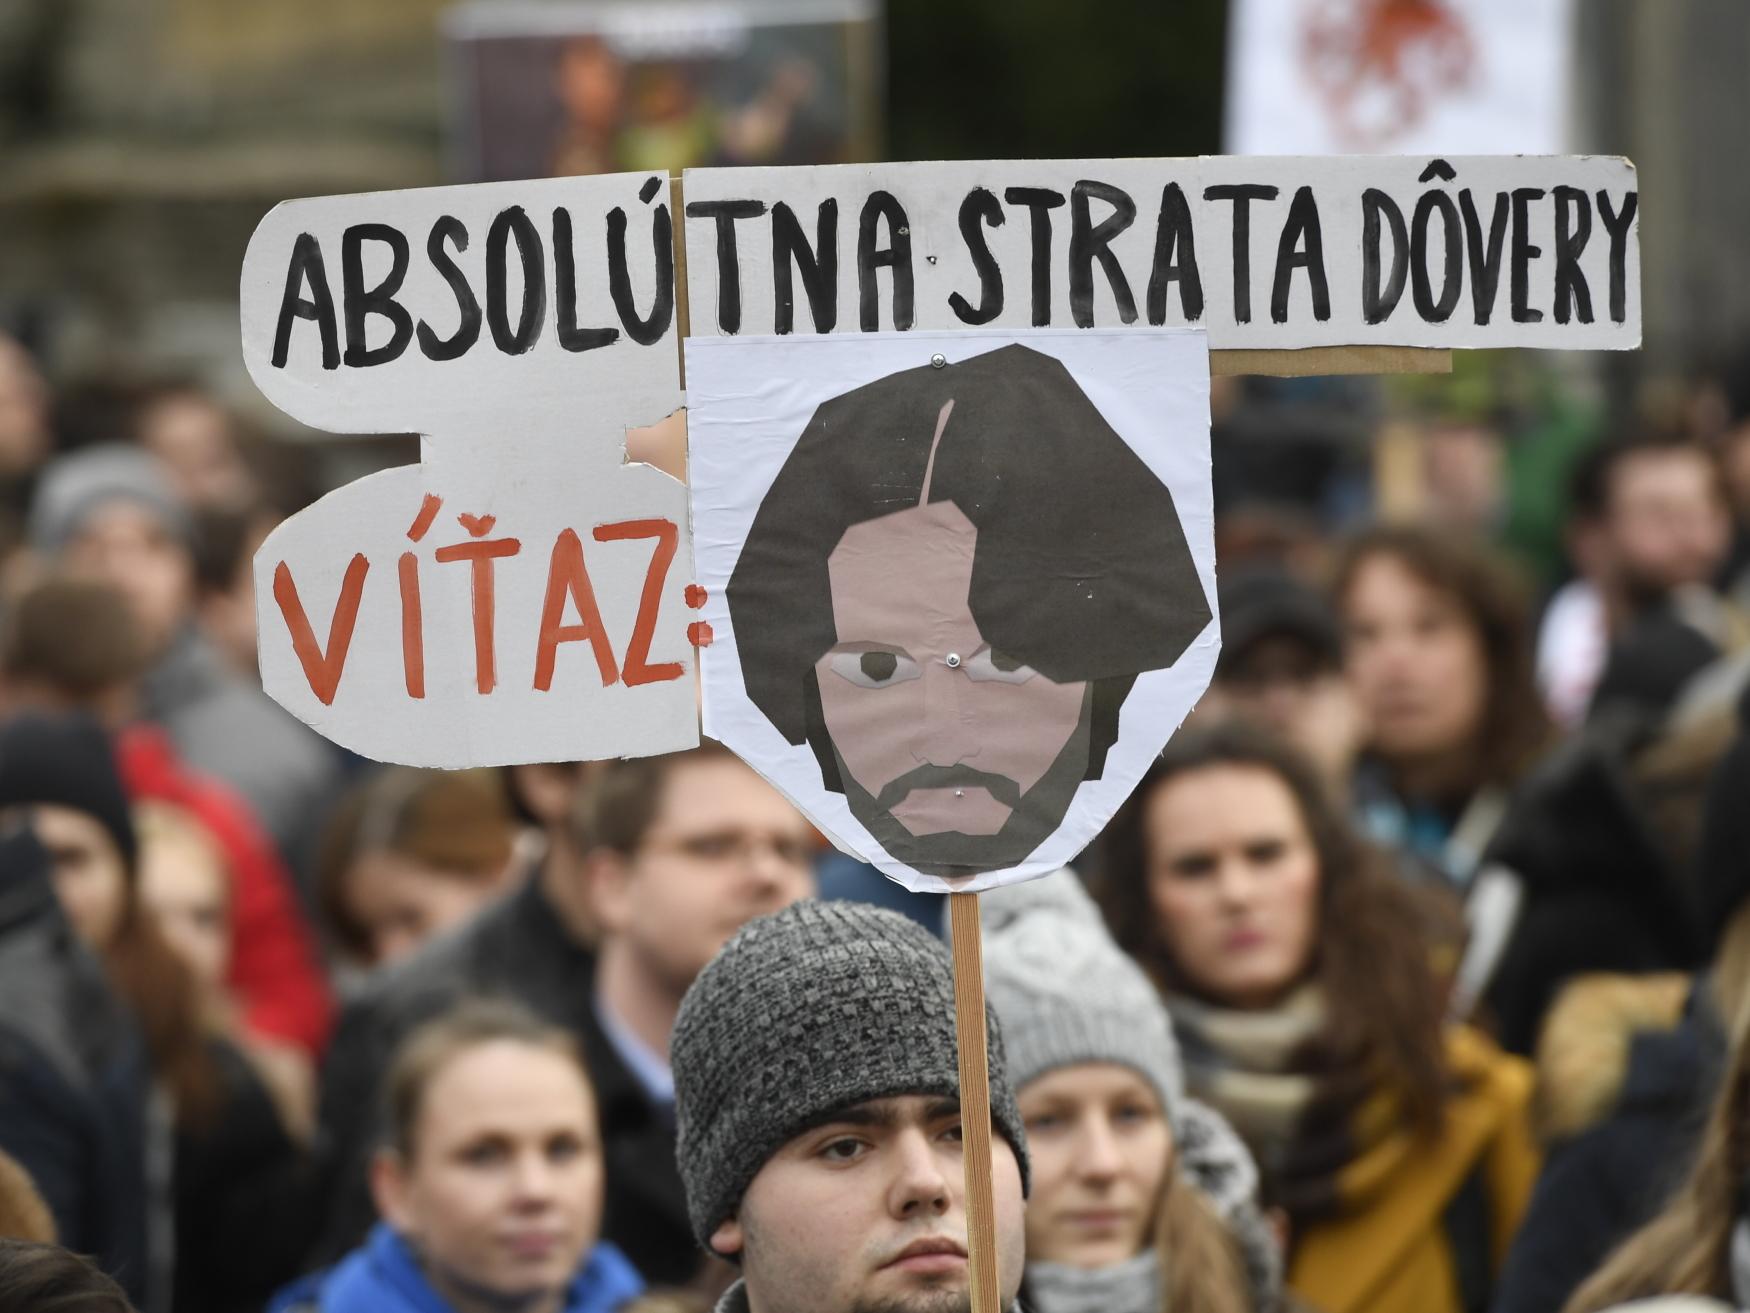 Demonstrace za nezávislé a důkladné vyšetření vraždy slovenského novináře Jána Kuciaka a jeho partnerky Martiny Kušnírové a za vznik nové a důvěryhodné vlády na Slovensku